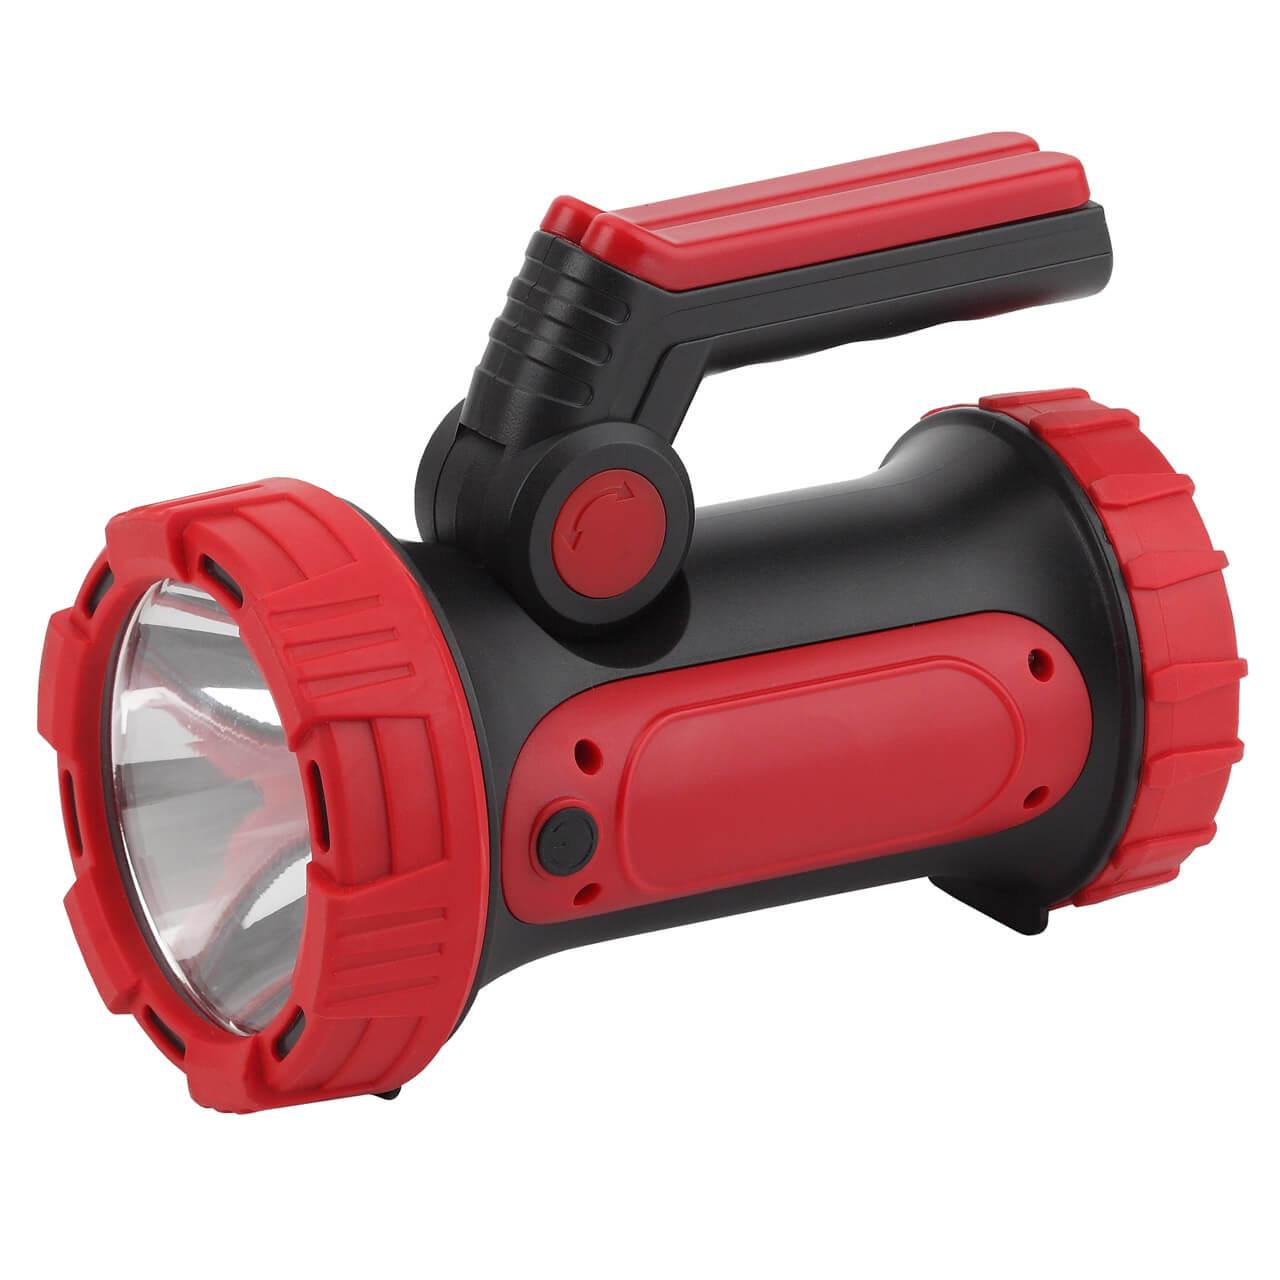 Ручной светодиодный фонарь ЭРА аккумуляторный PA-704 светодиодный алюминиевый фонарь эра sd9